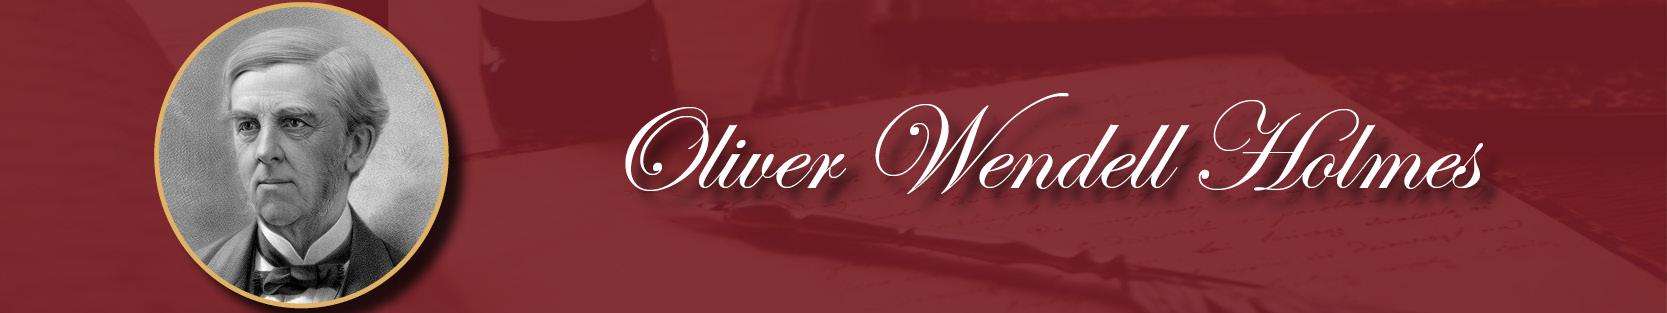 About us- banner-Oliver Wendell Holmes.jpg